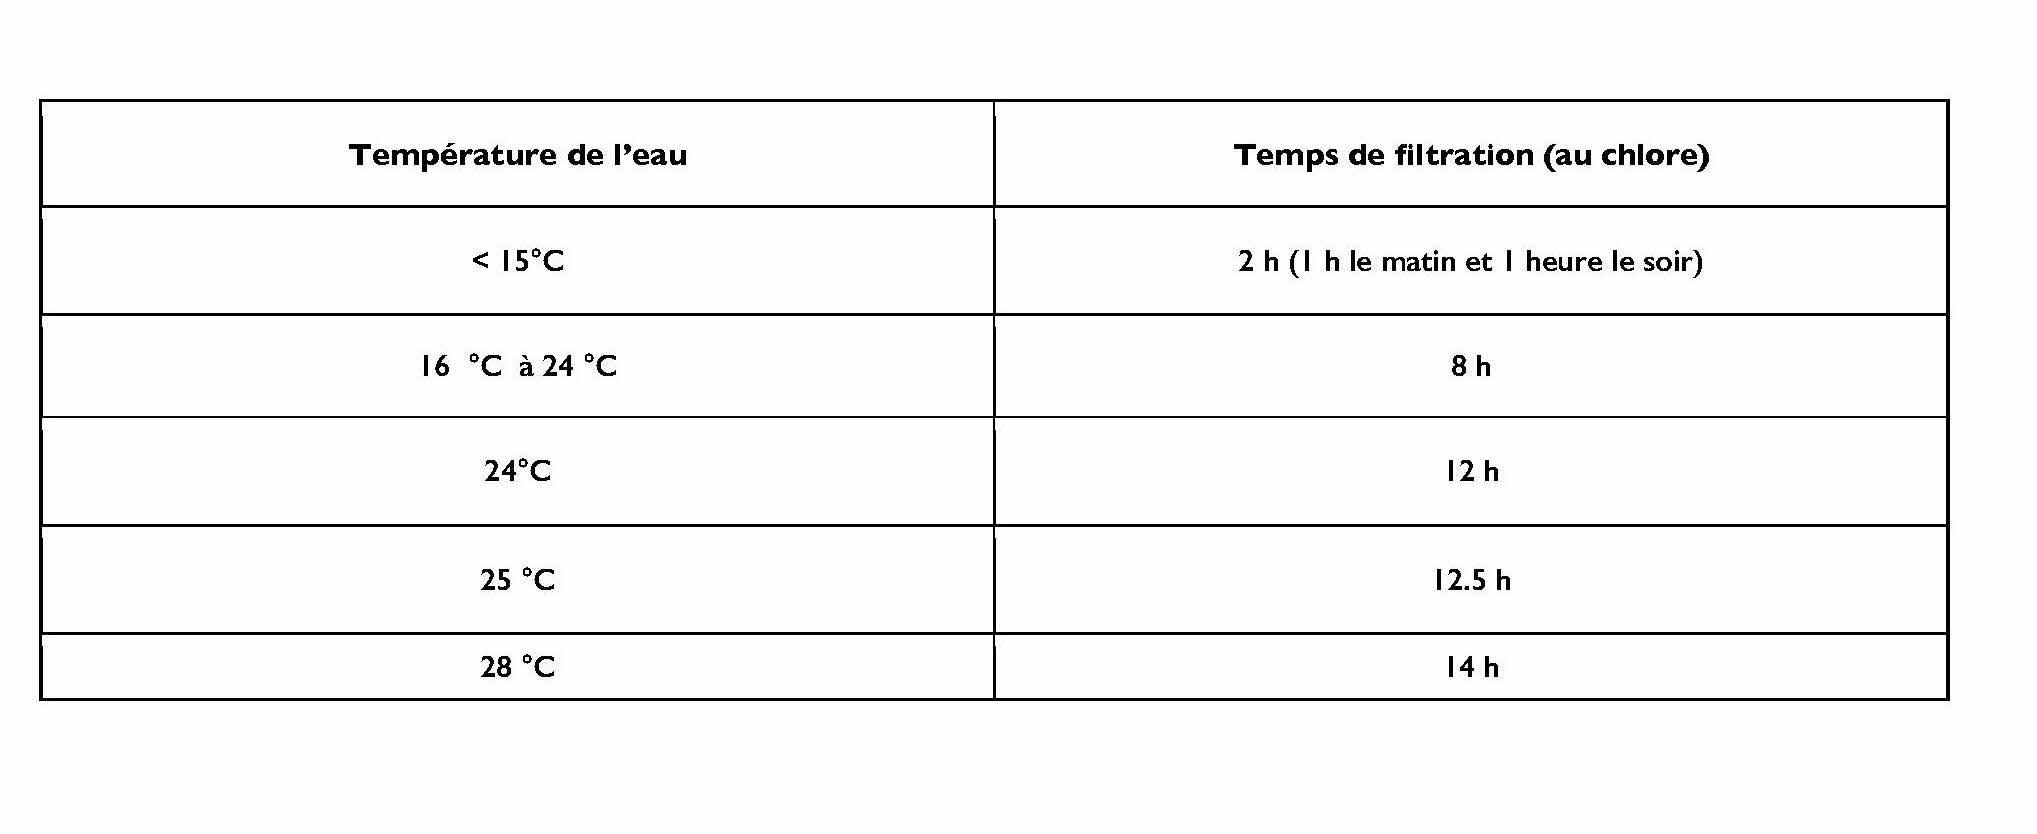 Combien De Temps Pour La Filtration De Ma Piscine ? - Faq ... pour Temps De Filtration Piscine